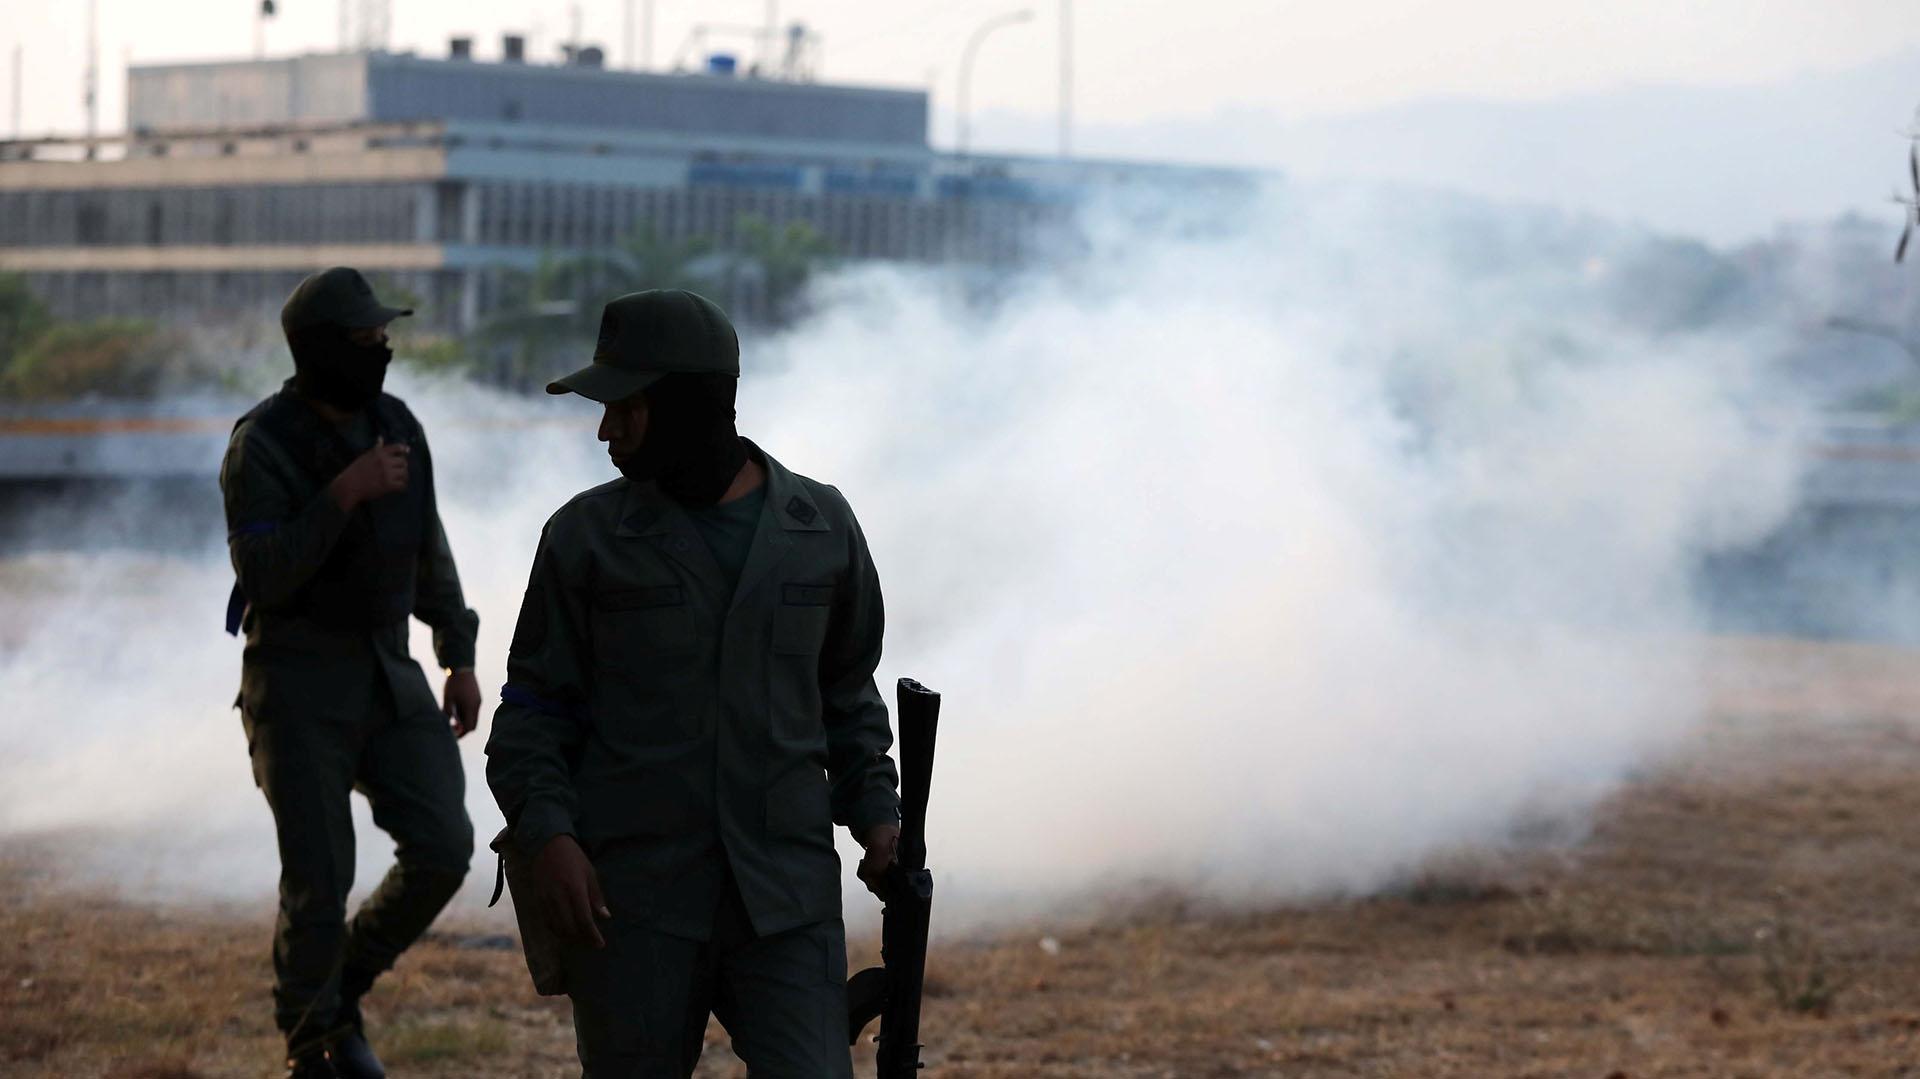 Los militates afines al chavismo lanzaron gases lacrimógenos (Reuters)